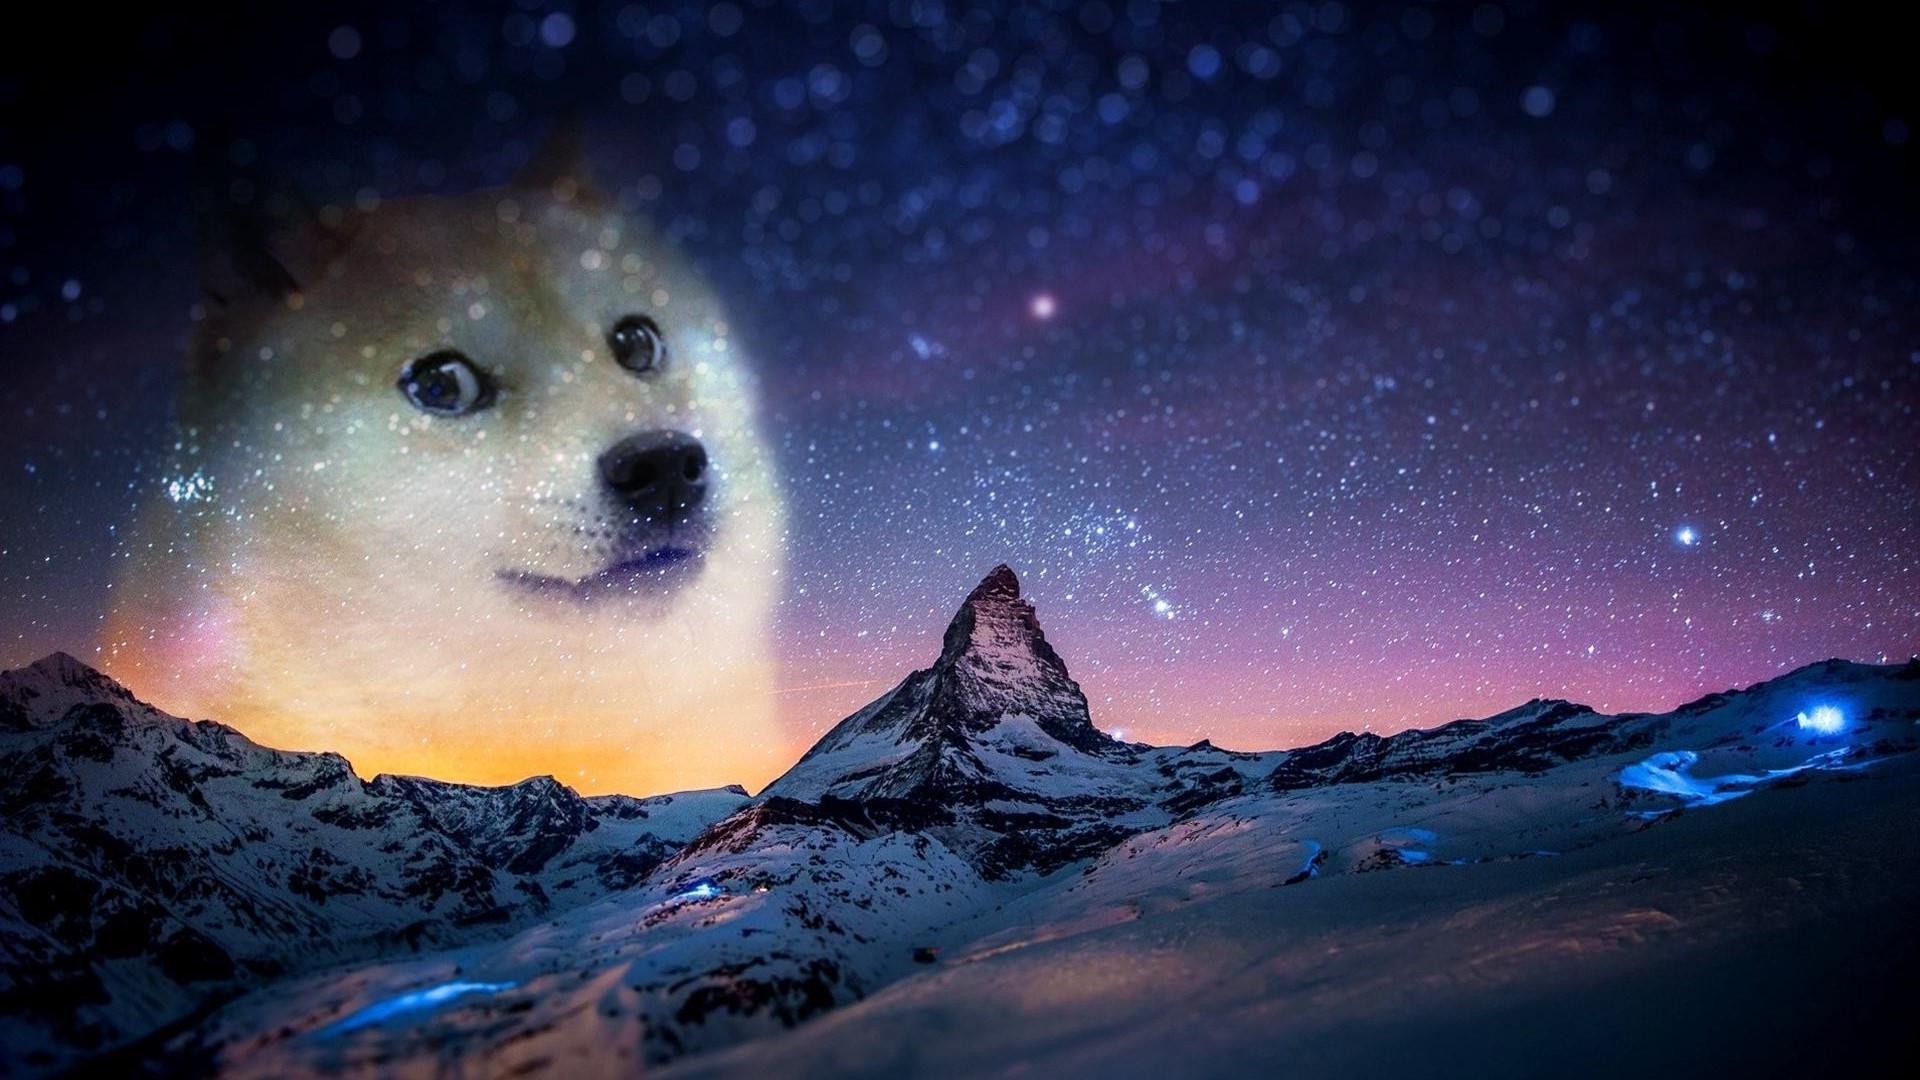 Doge in da sky wallpaper